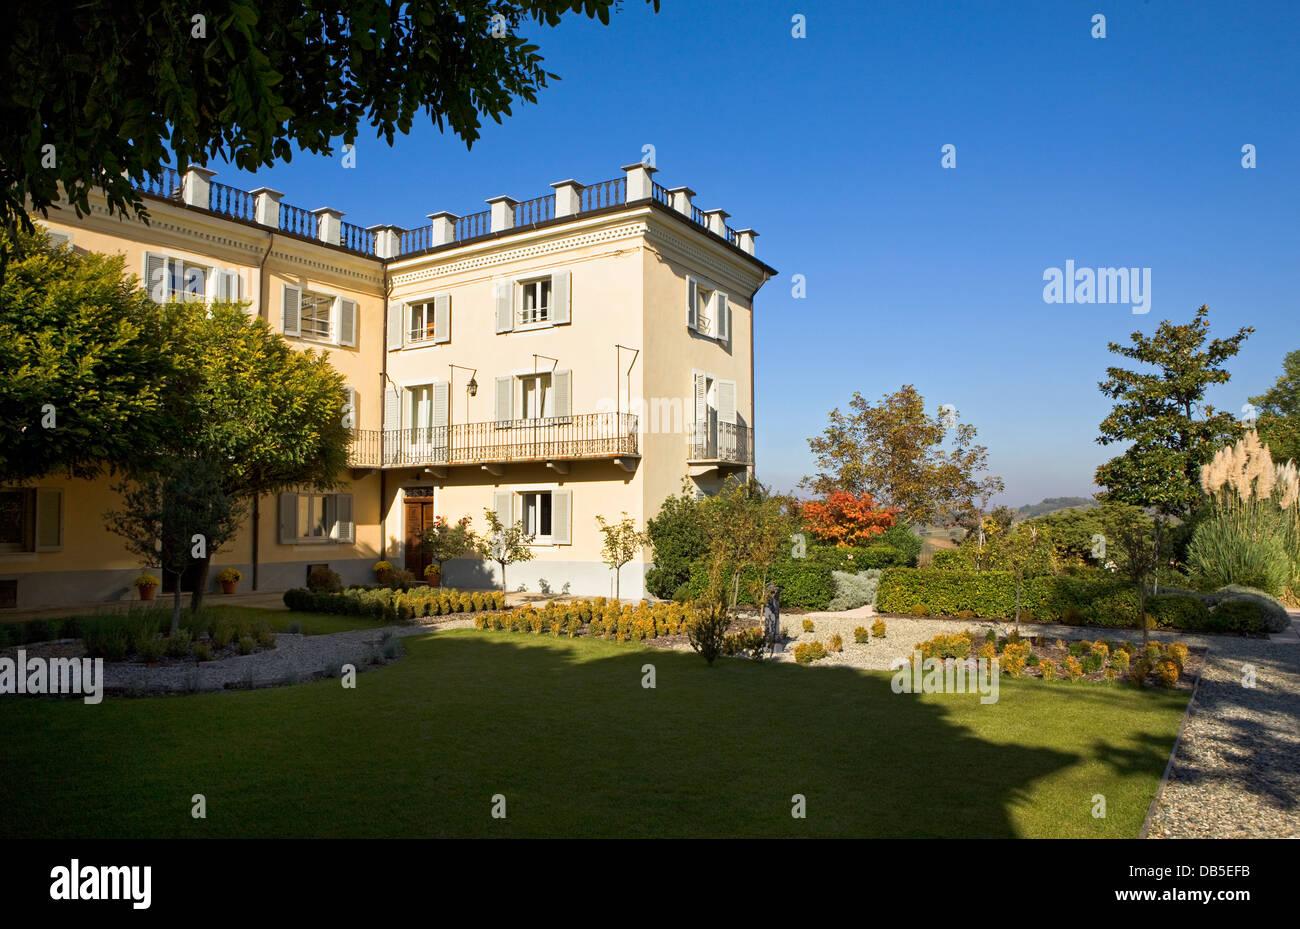 Hotel La Villa Mombaruzzo